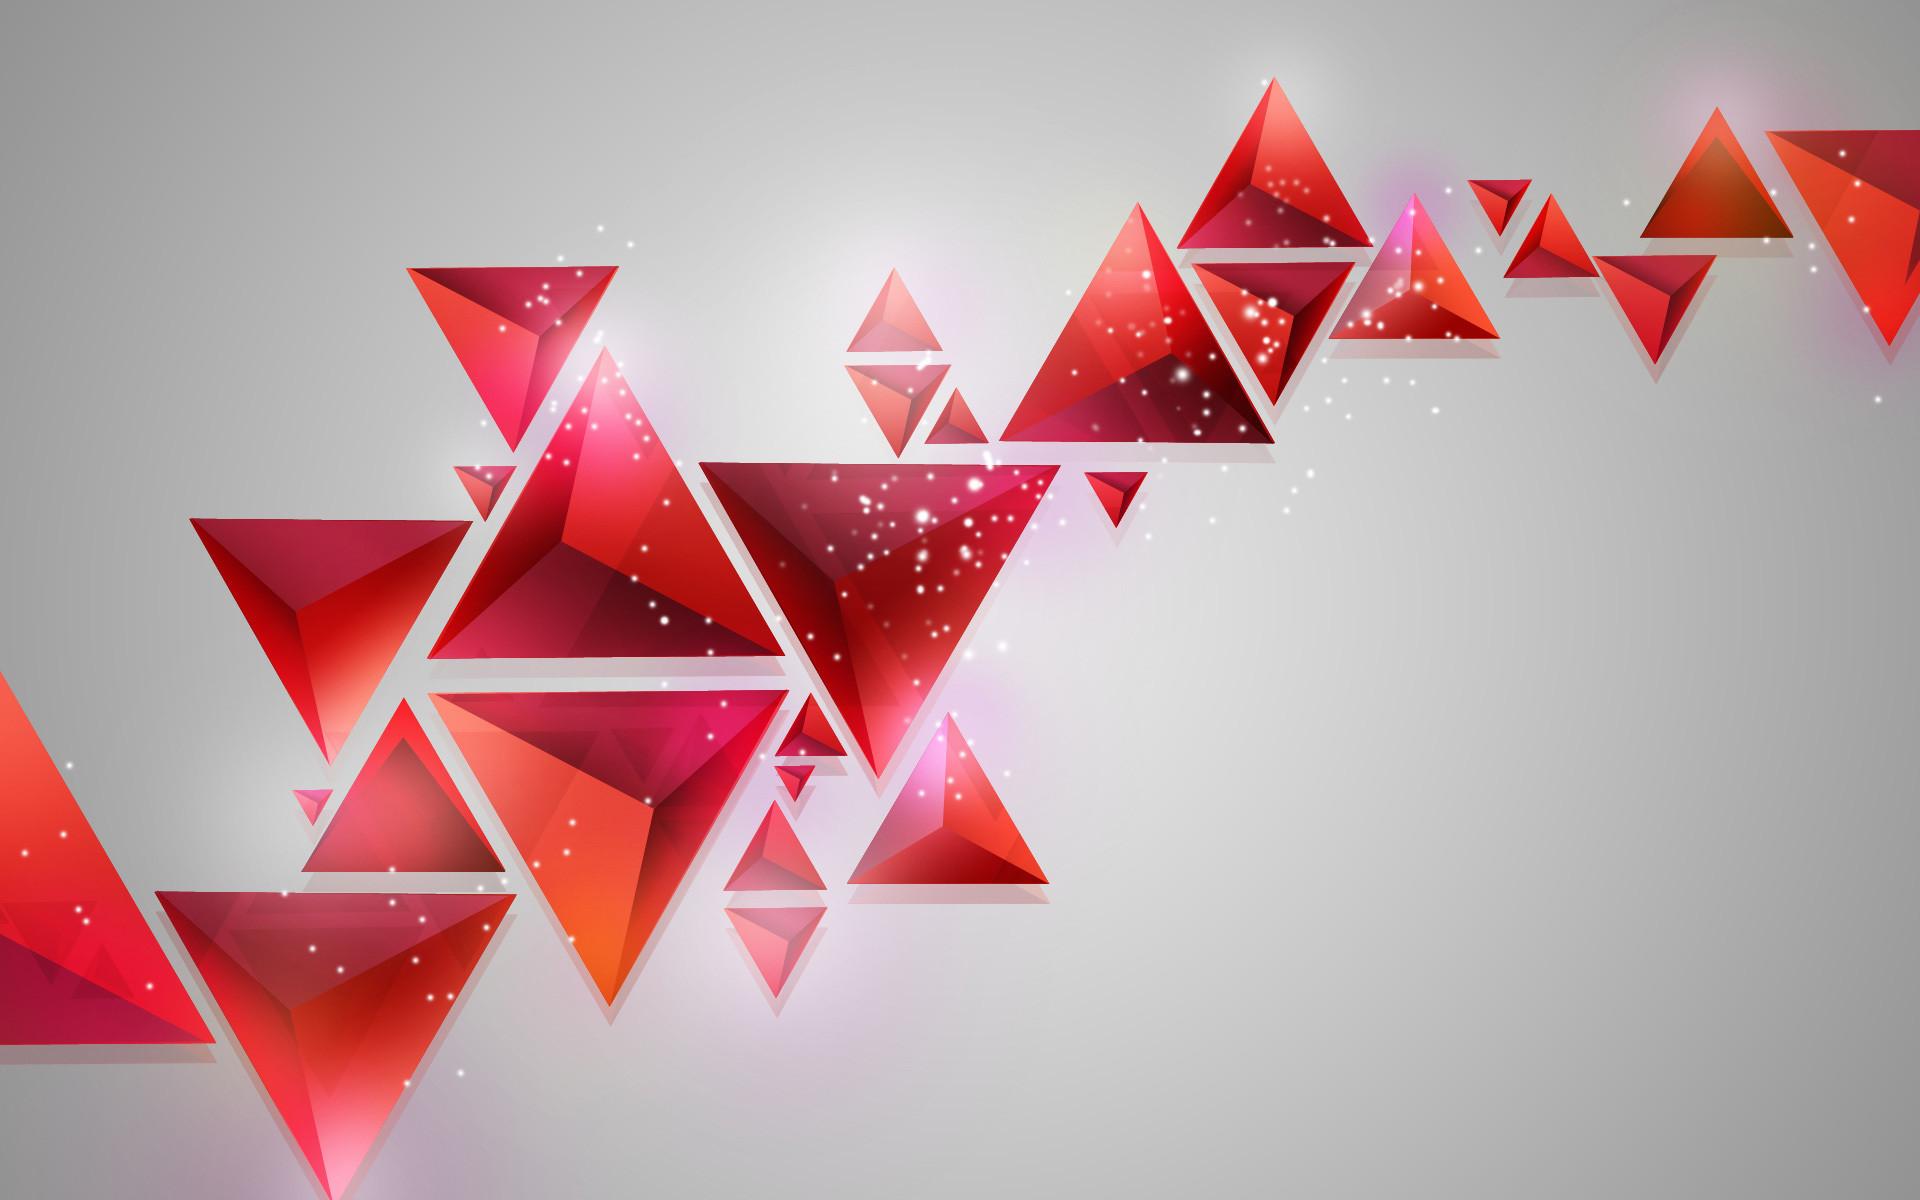 3d Geometric Triangle Wallpaper (10)